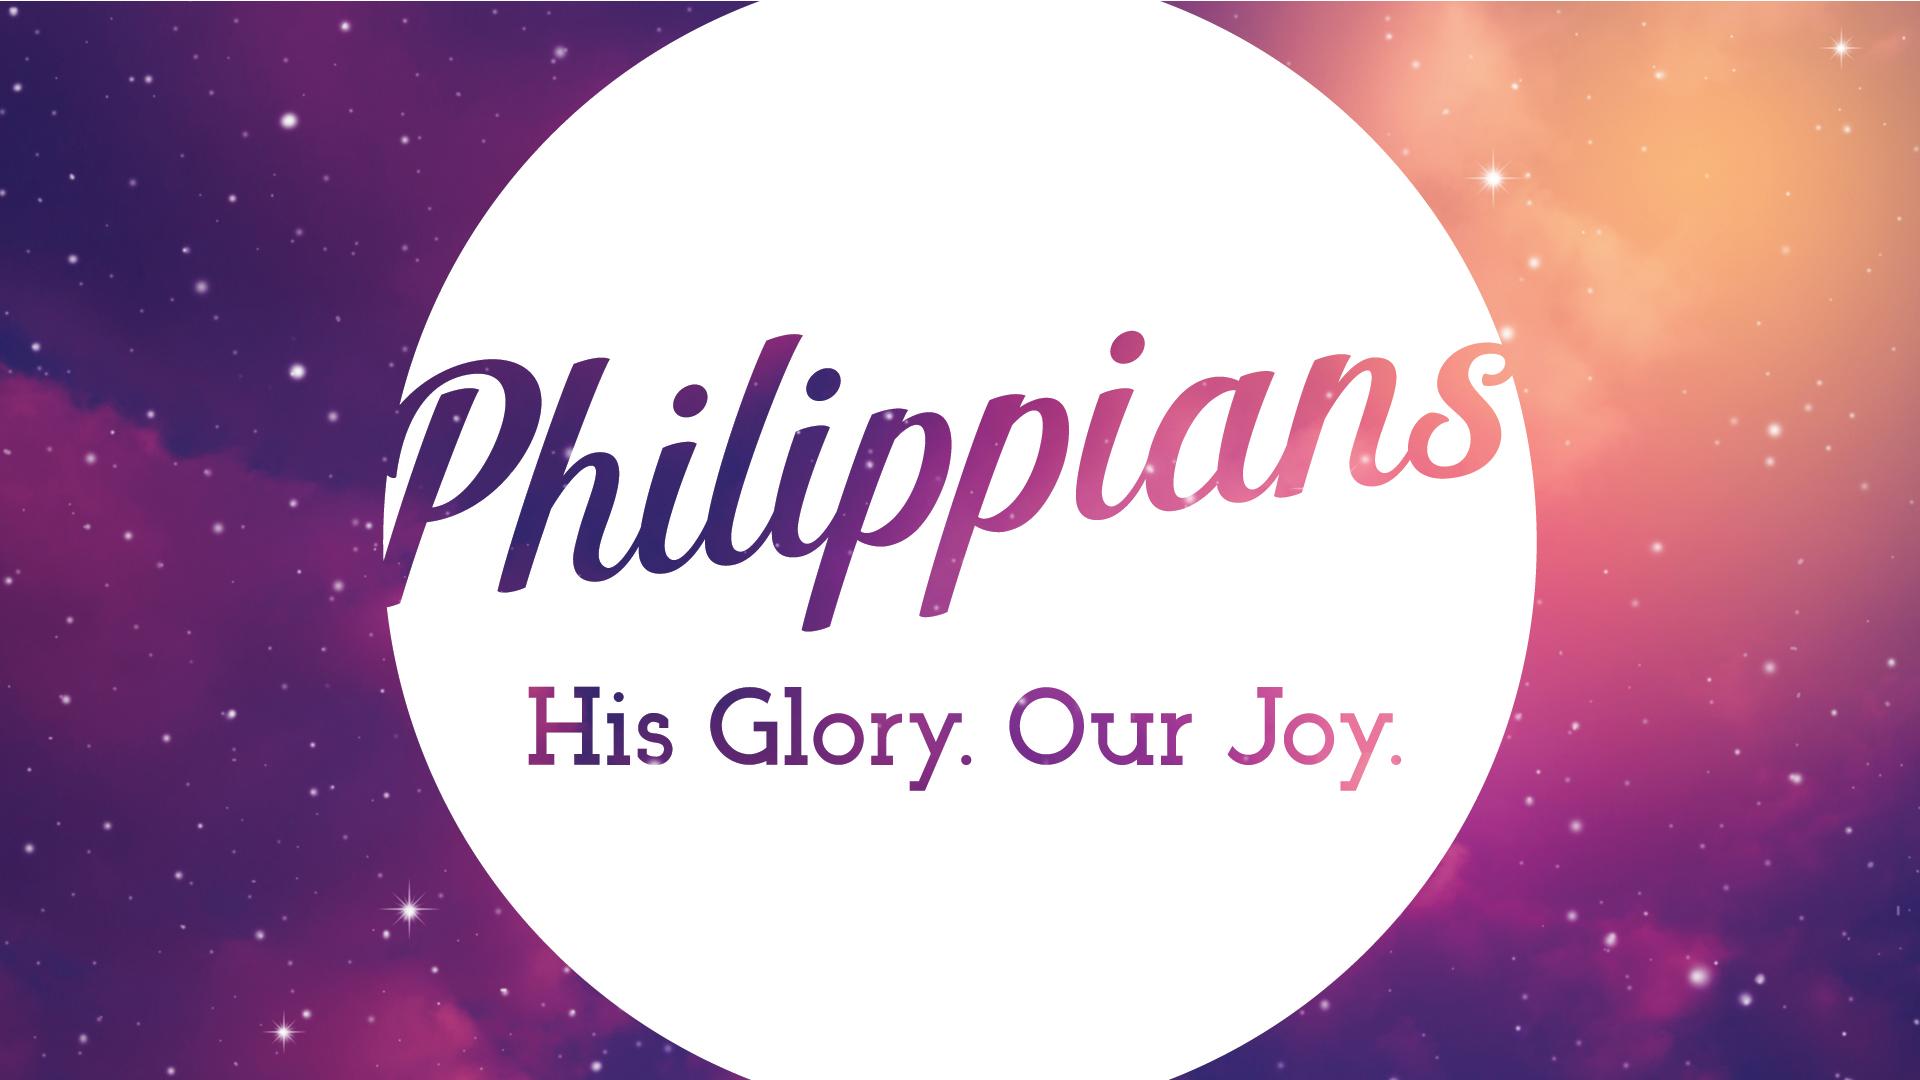 Philippians // 1.6.19 - 5.26.19